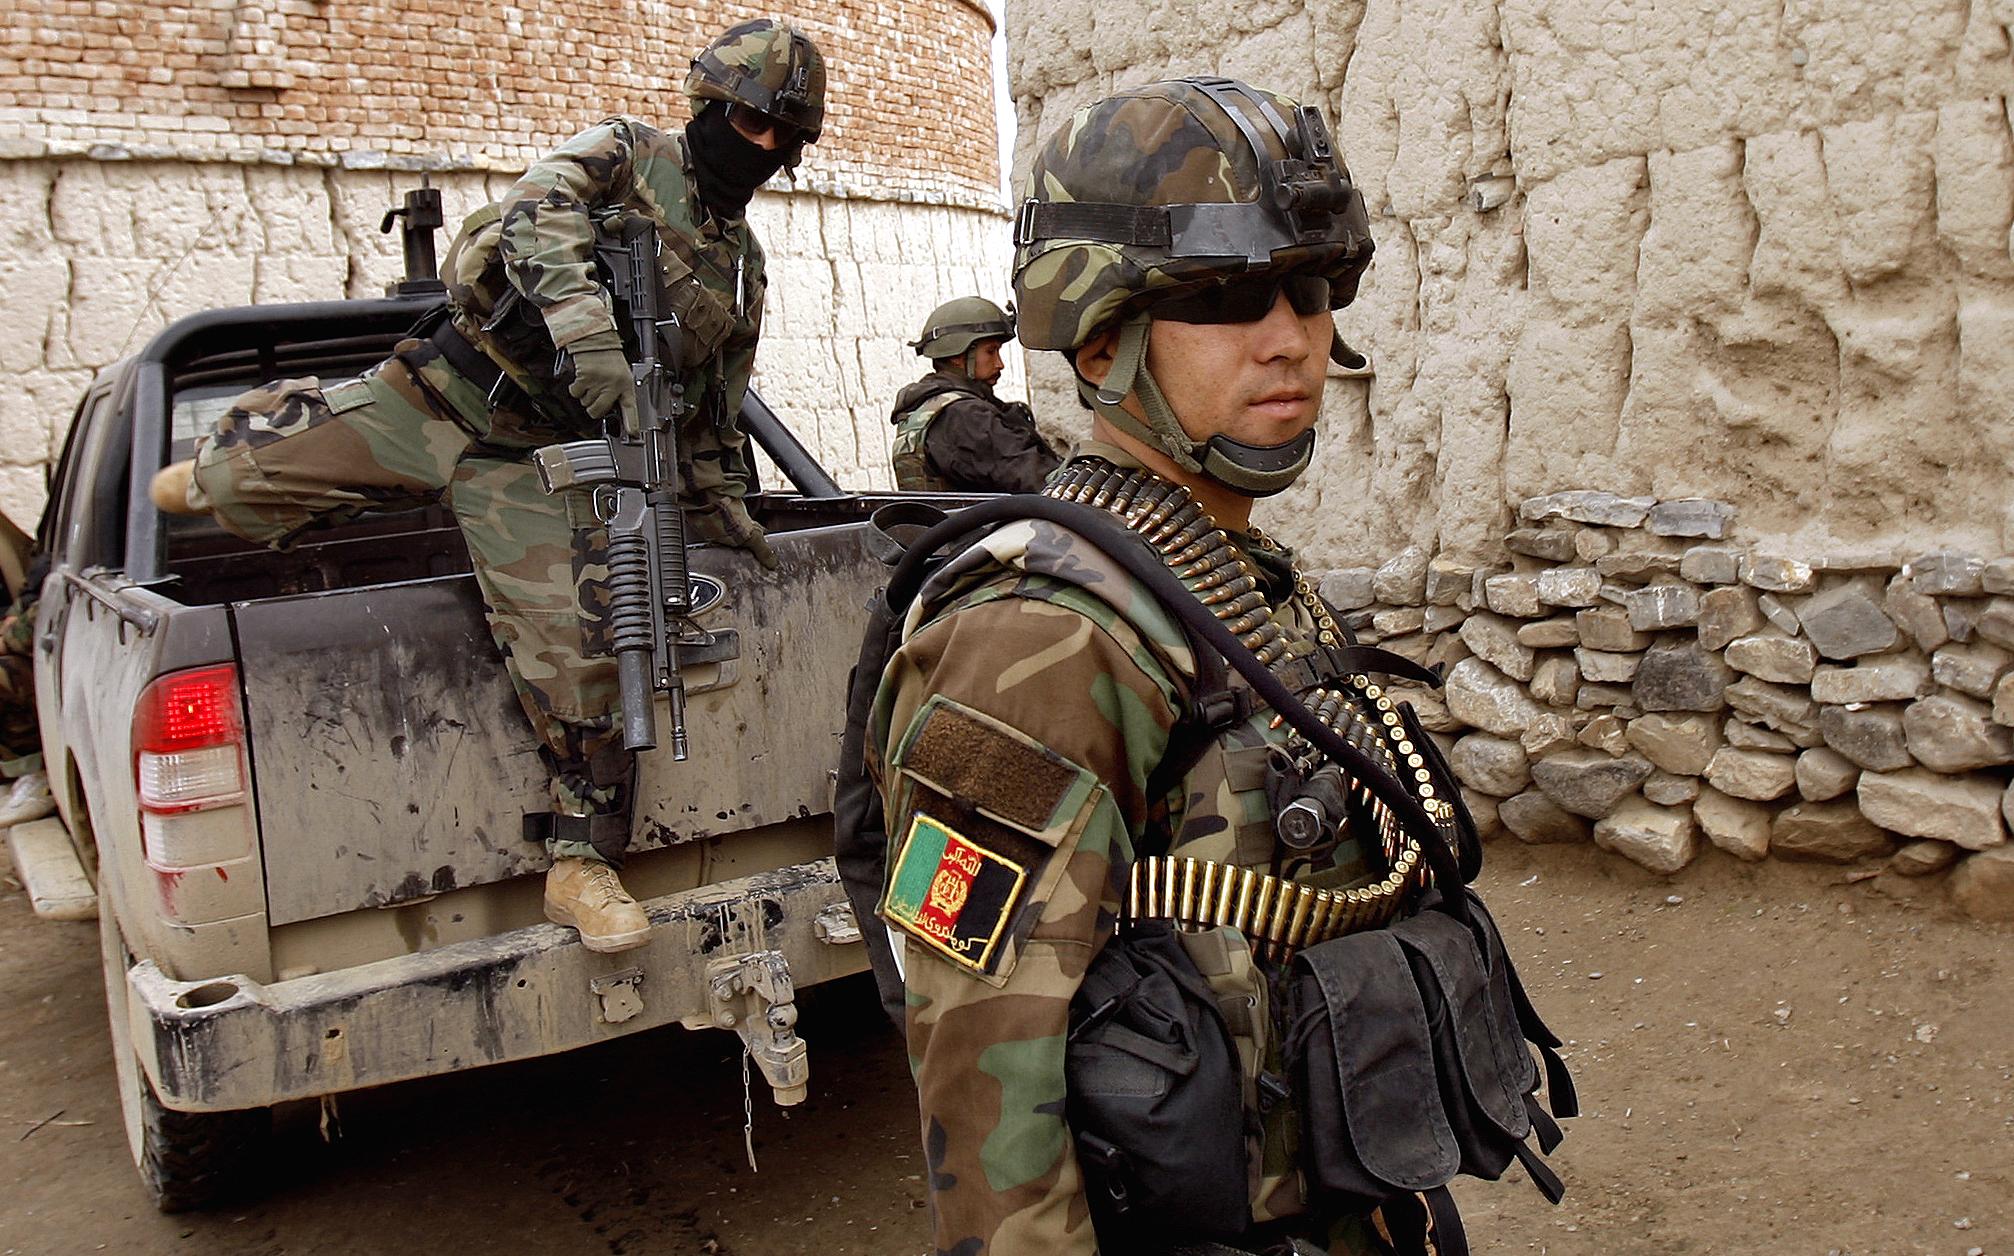 فراه کې طالبانو دېرش افغان کمانډو وژلي